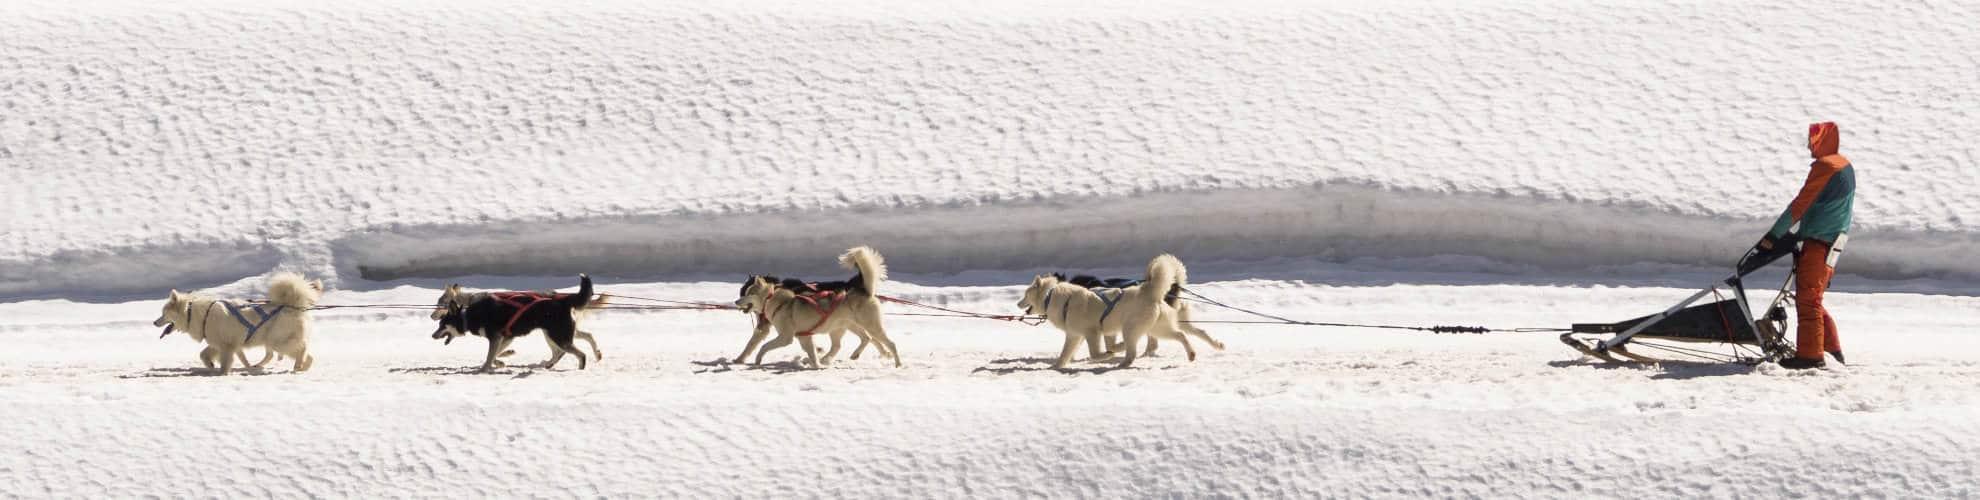 Residence hotel slitta trainata da cani